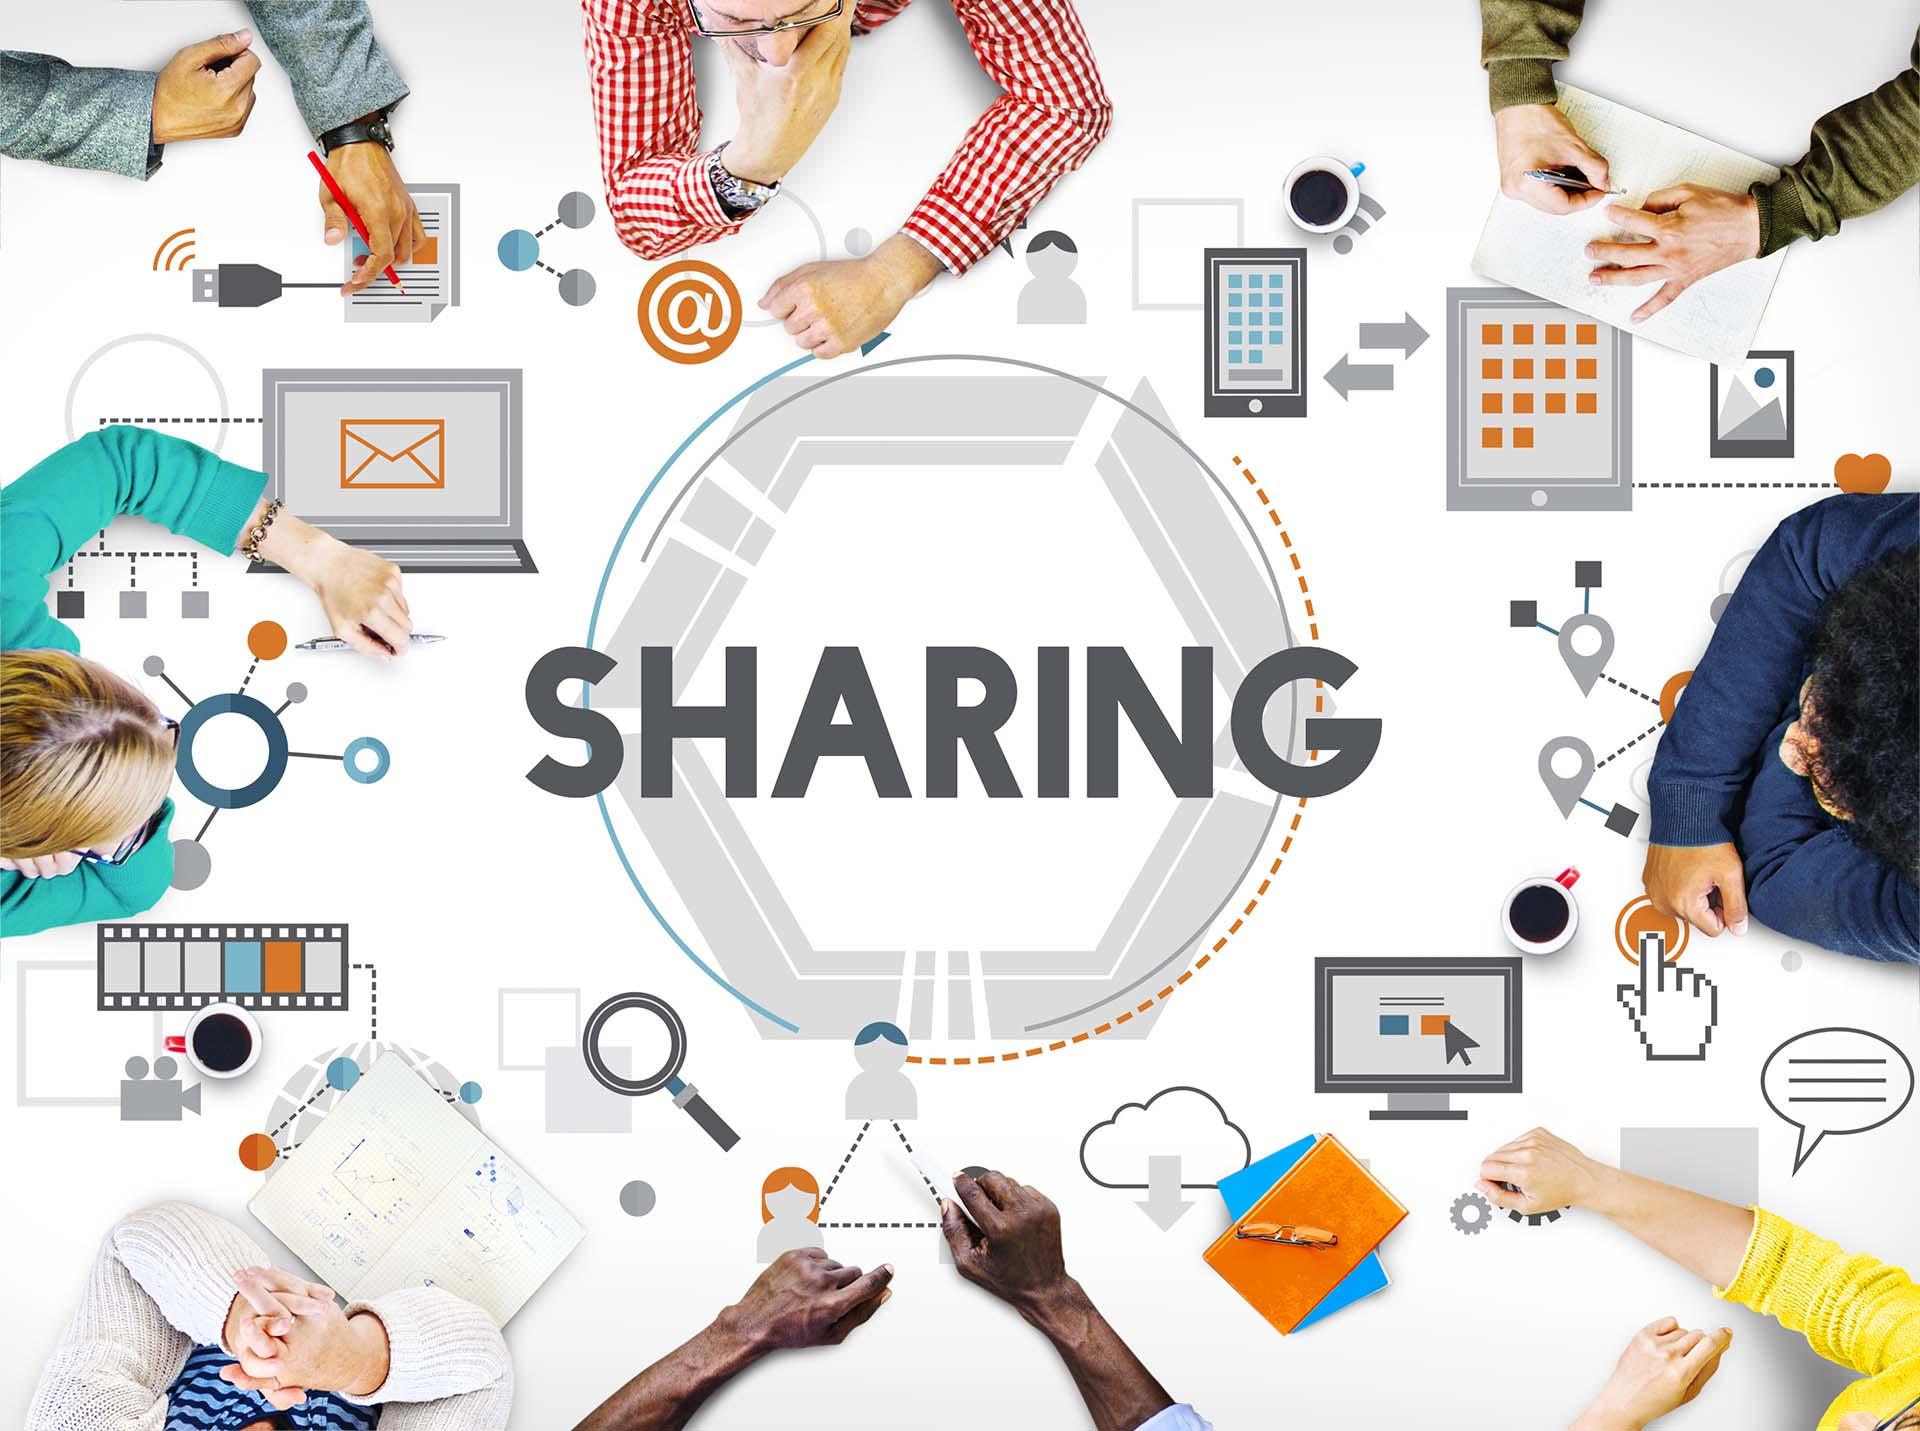 Sharing Innovation Concept